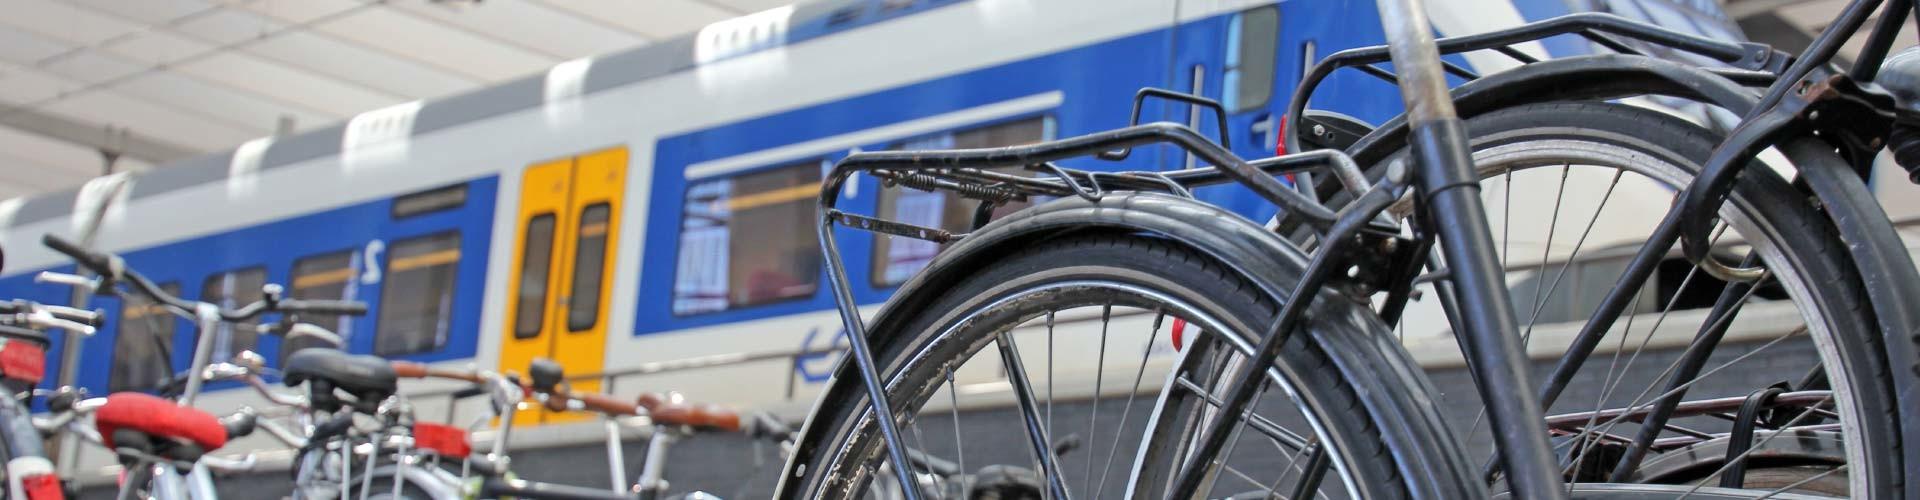 Im Vordergrund stehen Fahrräder, im Hintergrund ein Zug © Schlierner, stock.adobe.com